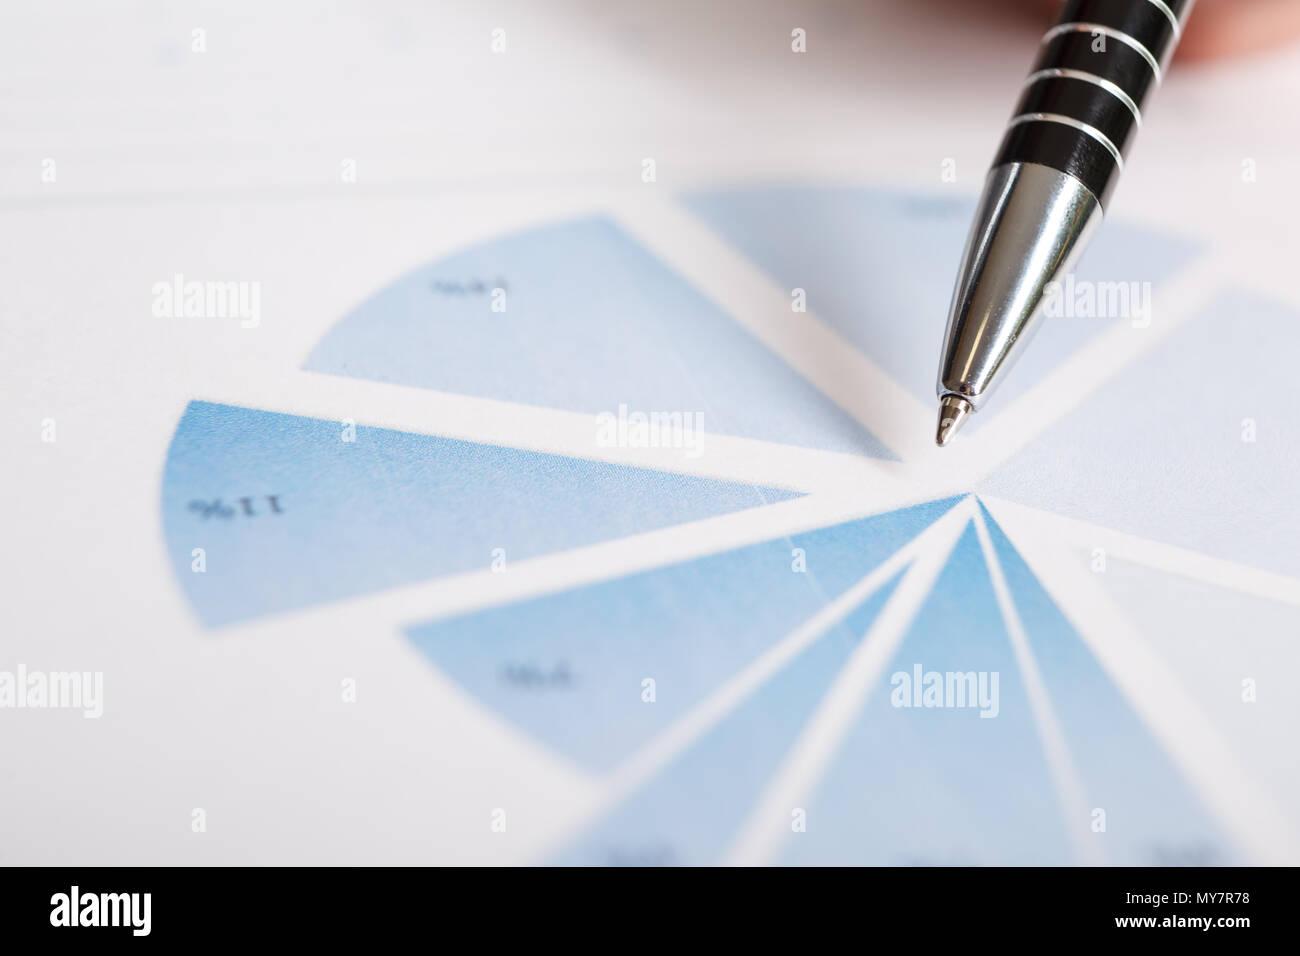 La penna sul grafico. Macro Immagine.Le analisi di dati finanziari concept Immagini Stock